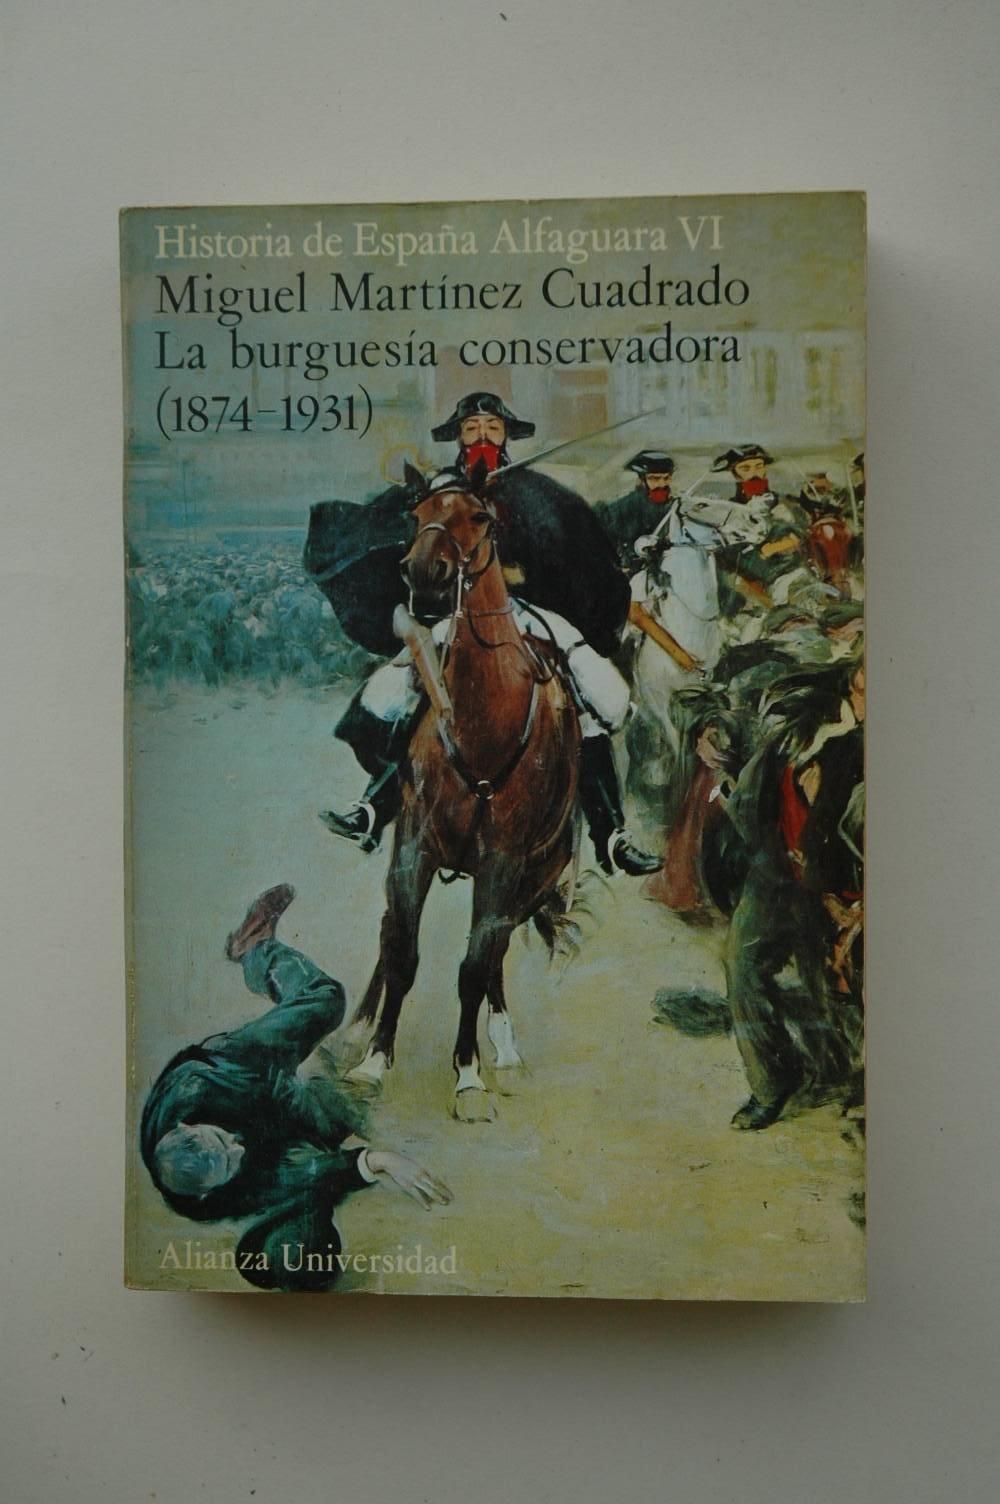 La burguesía conservadora : 1874-1931 / Miguel Martínez Cuadrado: Amazon.es: Martínez Cuadrado, Miguel: Libros